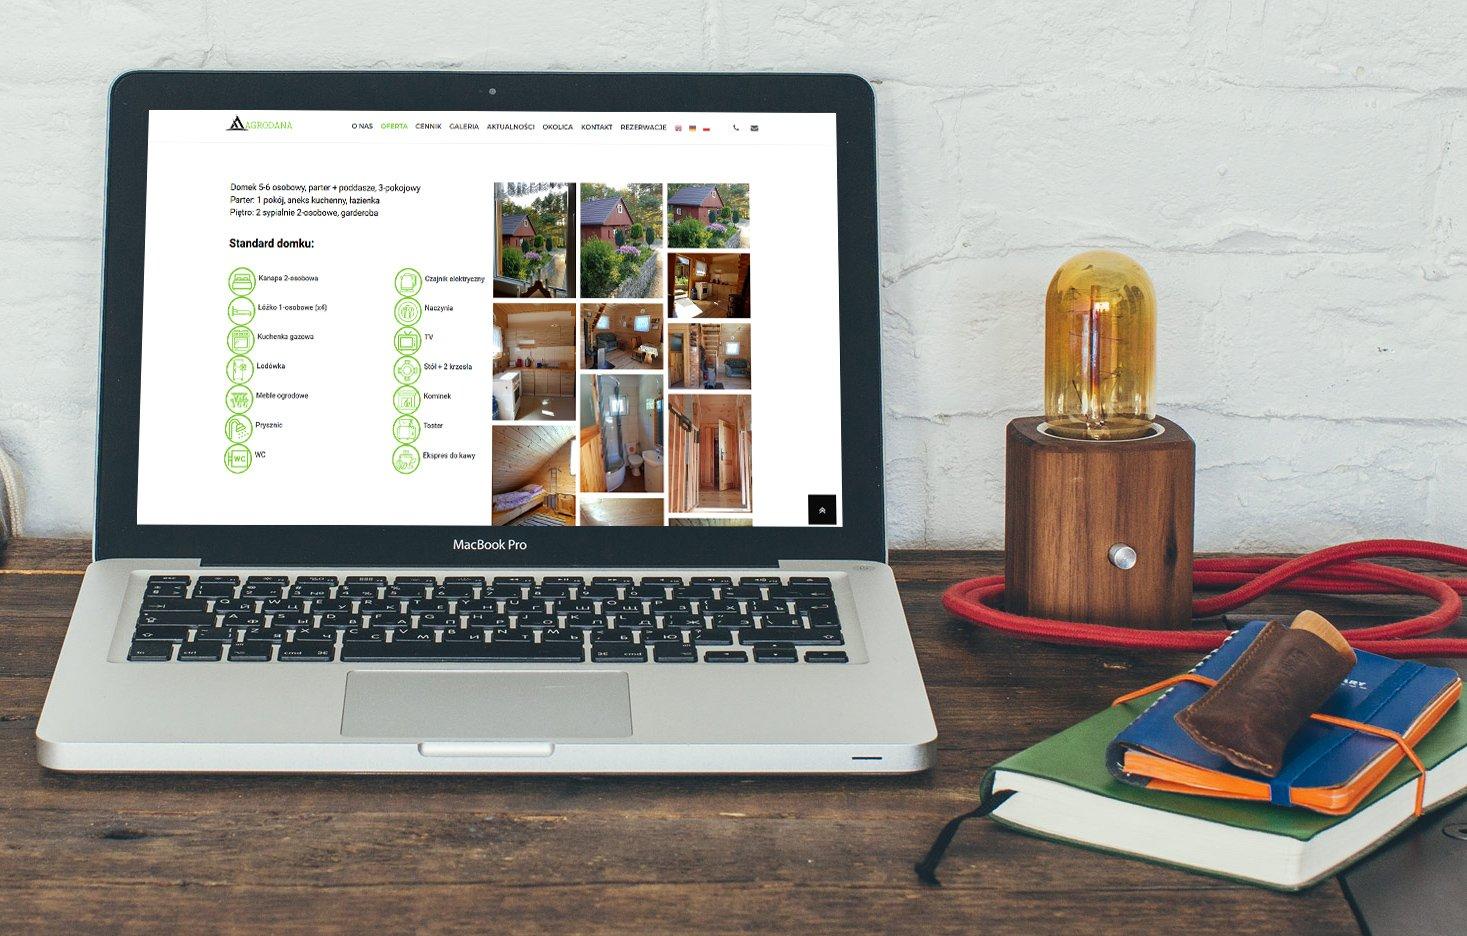 projektowanie stron internetowych agrodana.pl by siplex - Zdjęcie 5